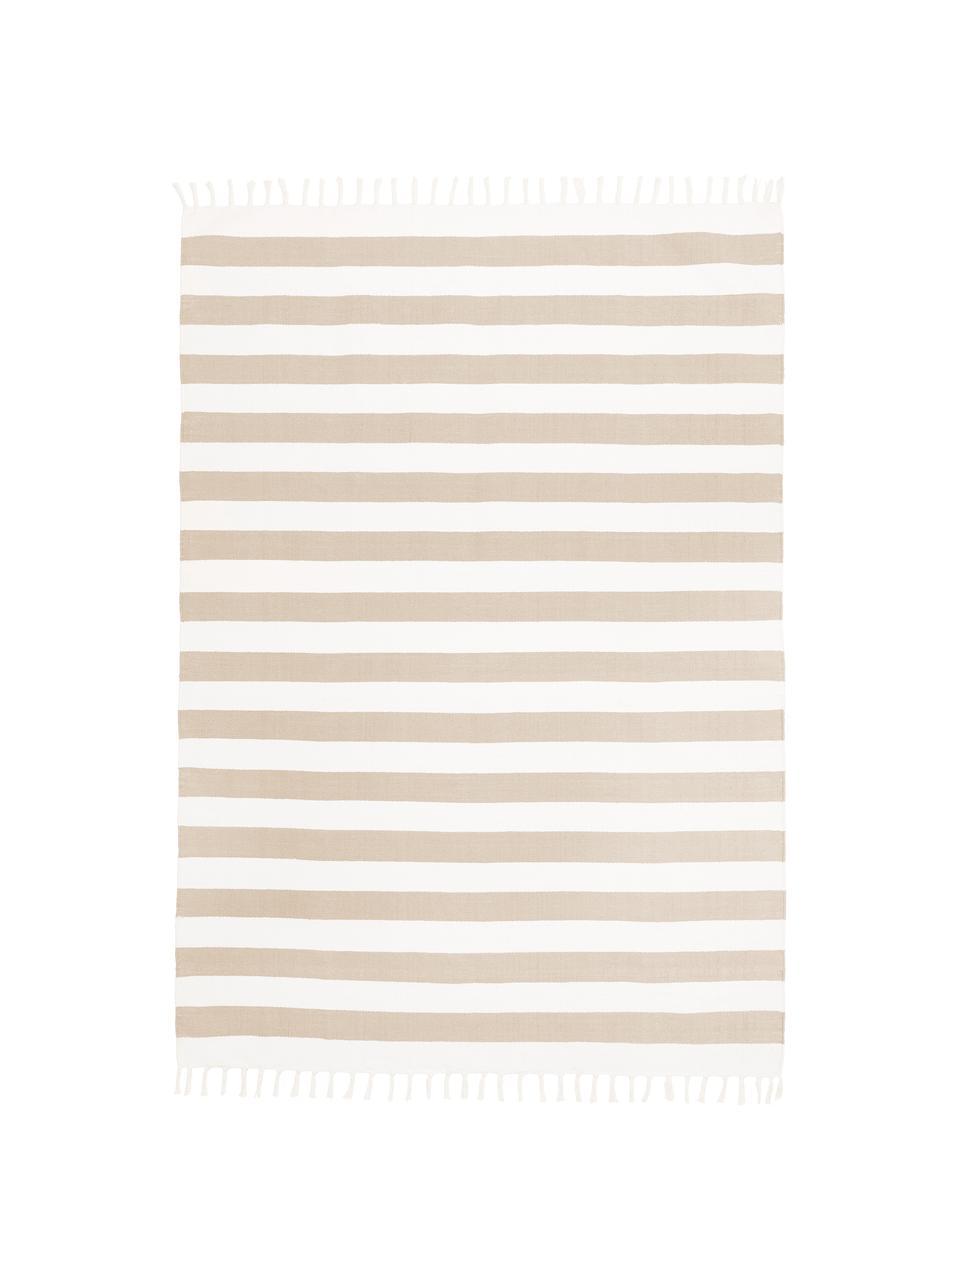 Gestreifter Baumwollteppich Blocker in Beige/Weiß, handgewebt, 100% Baumwolle, Cremeweiß/Beige, B 200 x L 300 cm (Größe L)